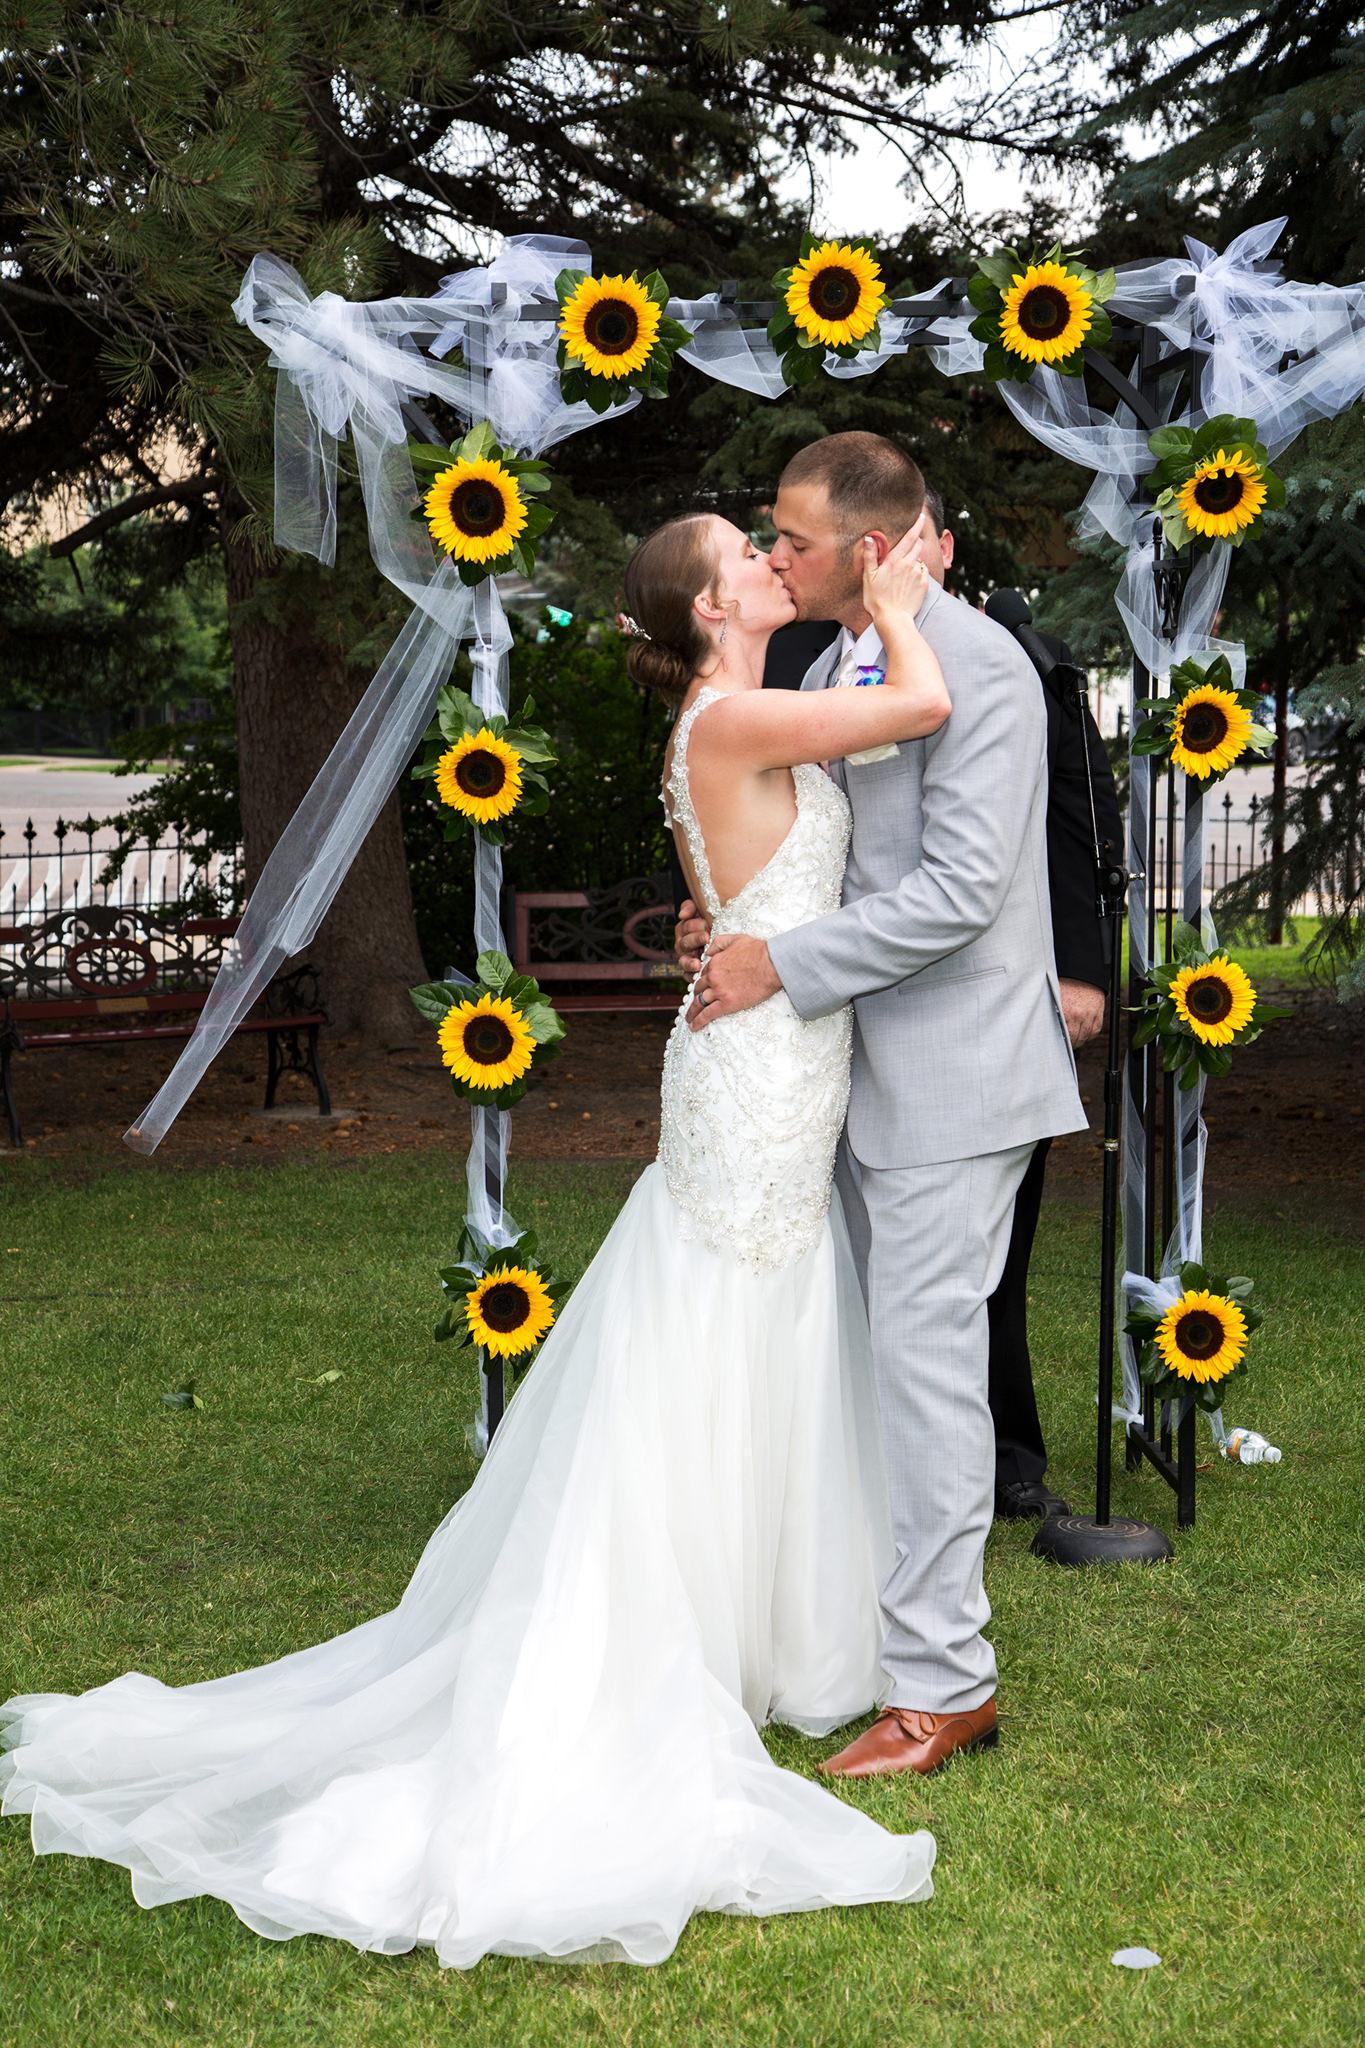 marchese_wedding_462 copy